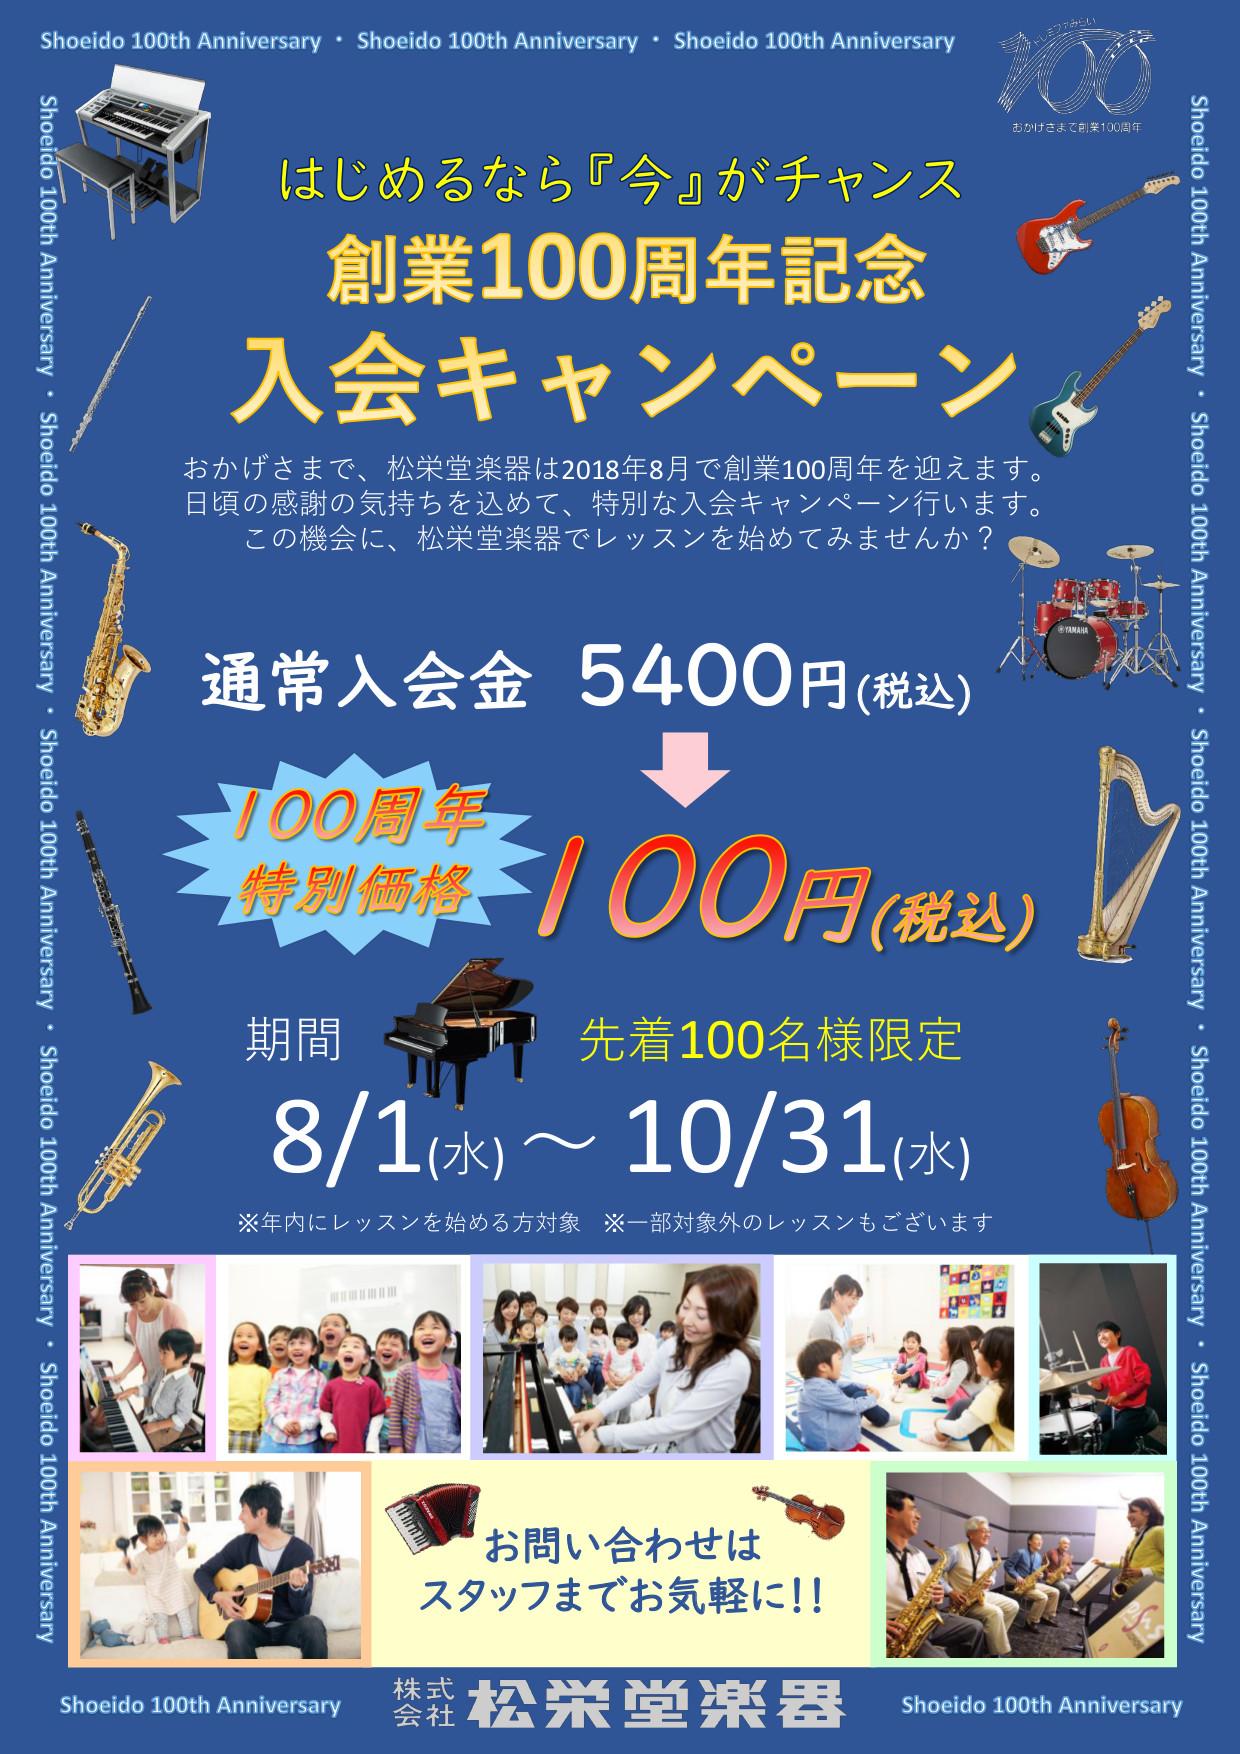 入会金100円キャンペーン